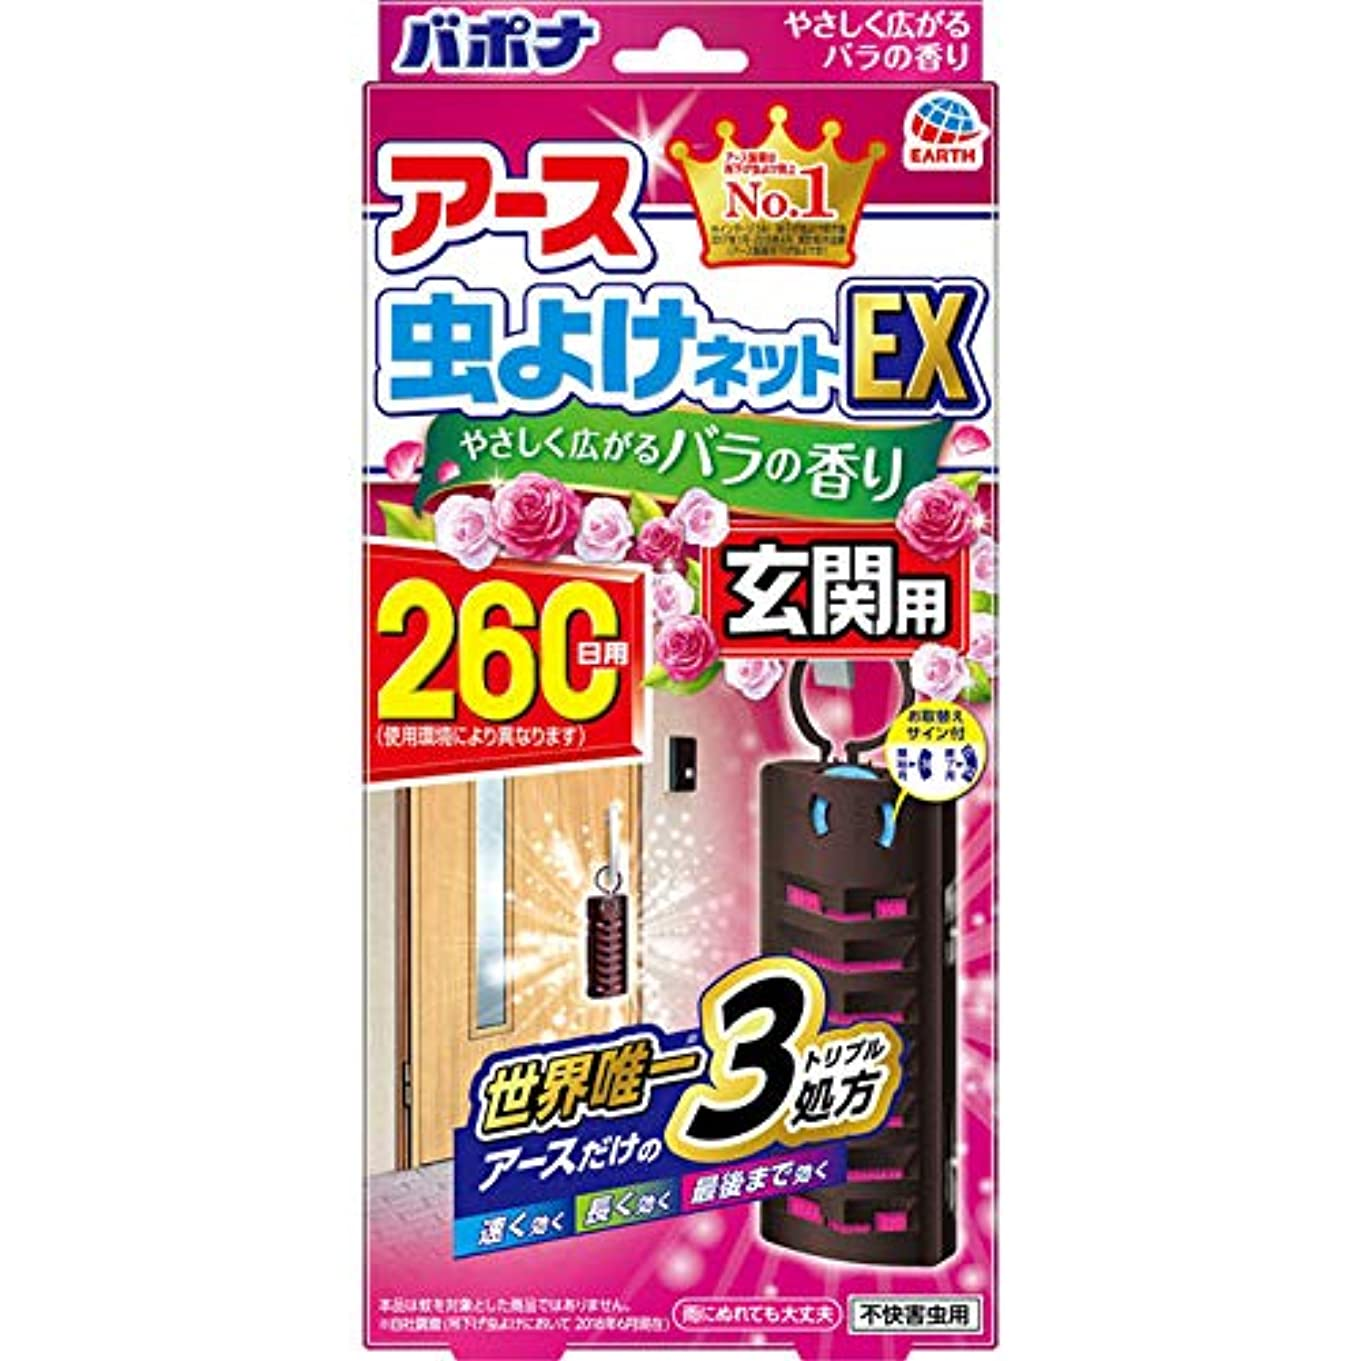 アース虫よけネットEX 玄関用 バラの香り 260日用×7個セット